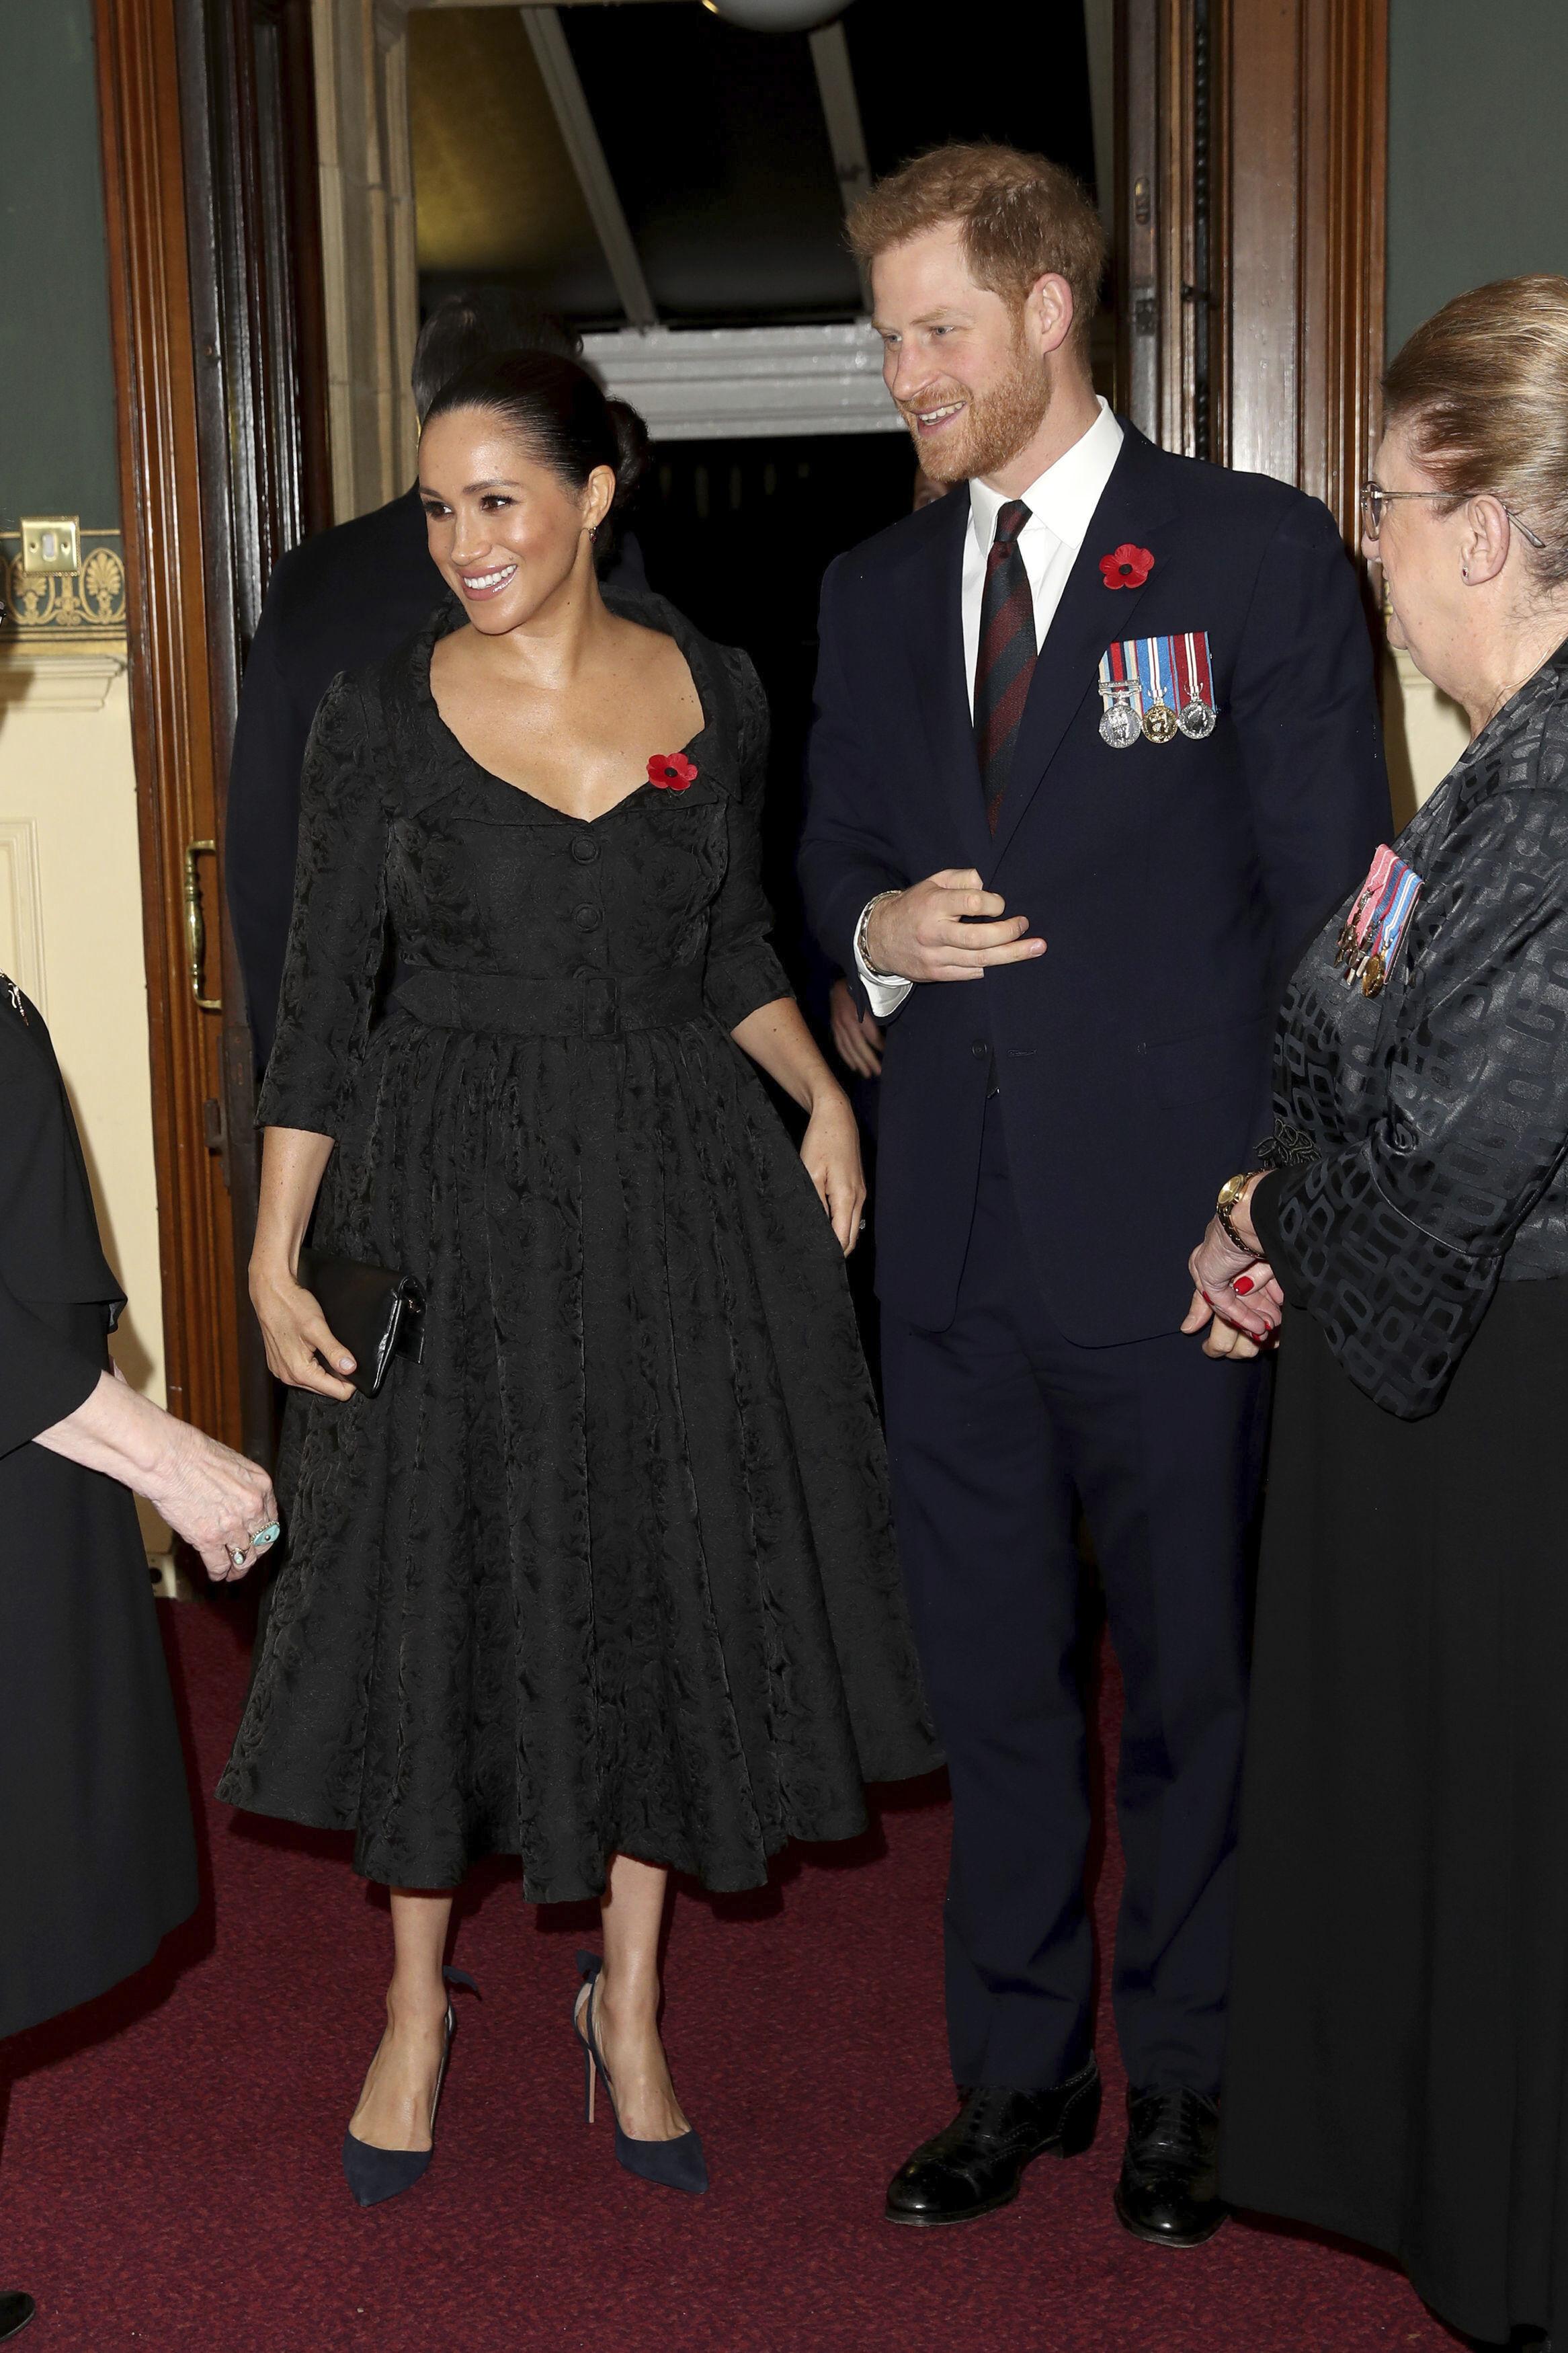 A finales de enero de 2019 la prensa británica exhortó a los usuarios de redes sociales a bajar el tono de críticas inapropiadas hacia Meghan, la duquesa de Sussex, y Kate, la duquesa de Cambridge. Más adelante, figuras como el actor George Clooney pidieron un alto a los constantes comentarios negativos hacia la duquesa de Sussex. (Archivo)